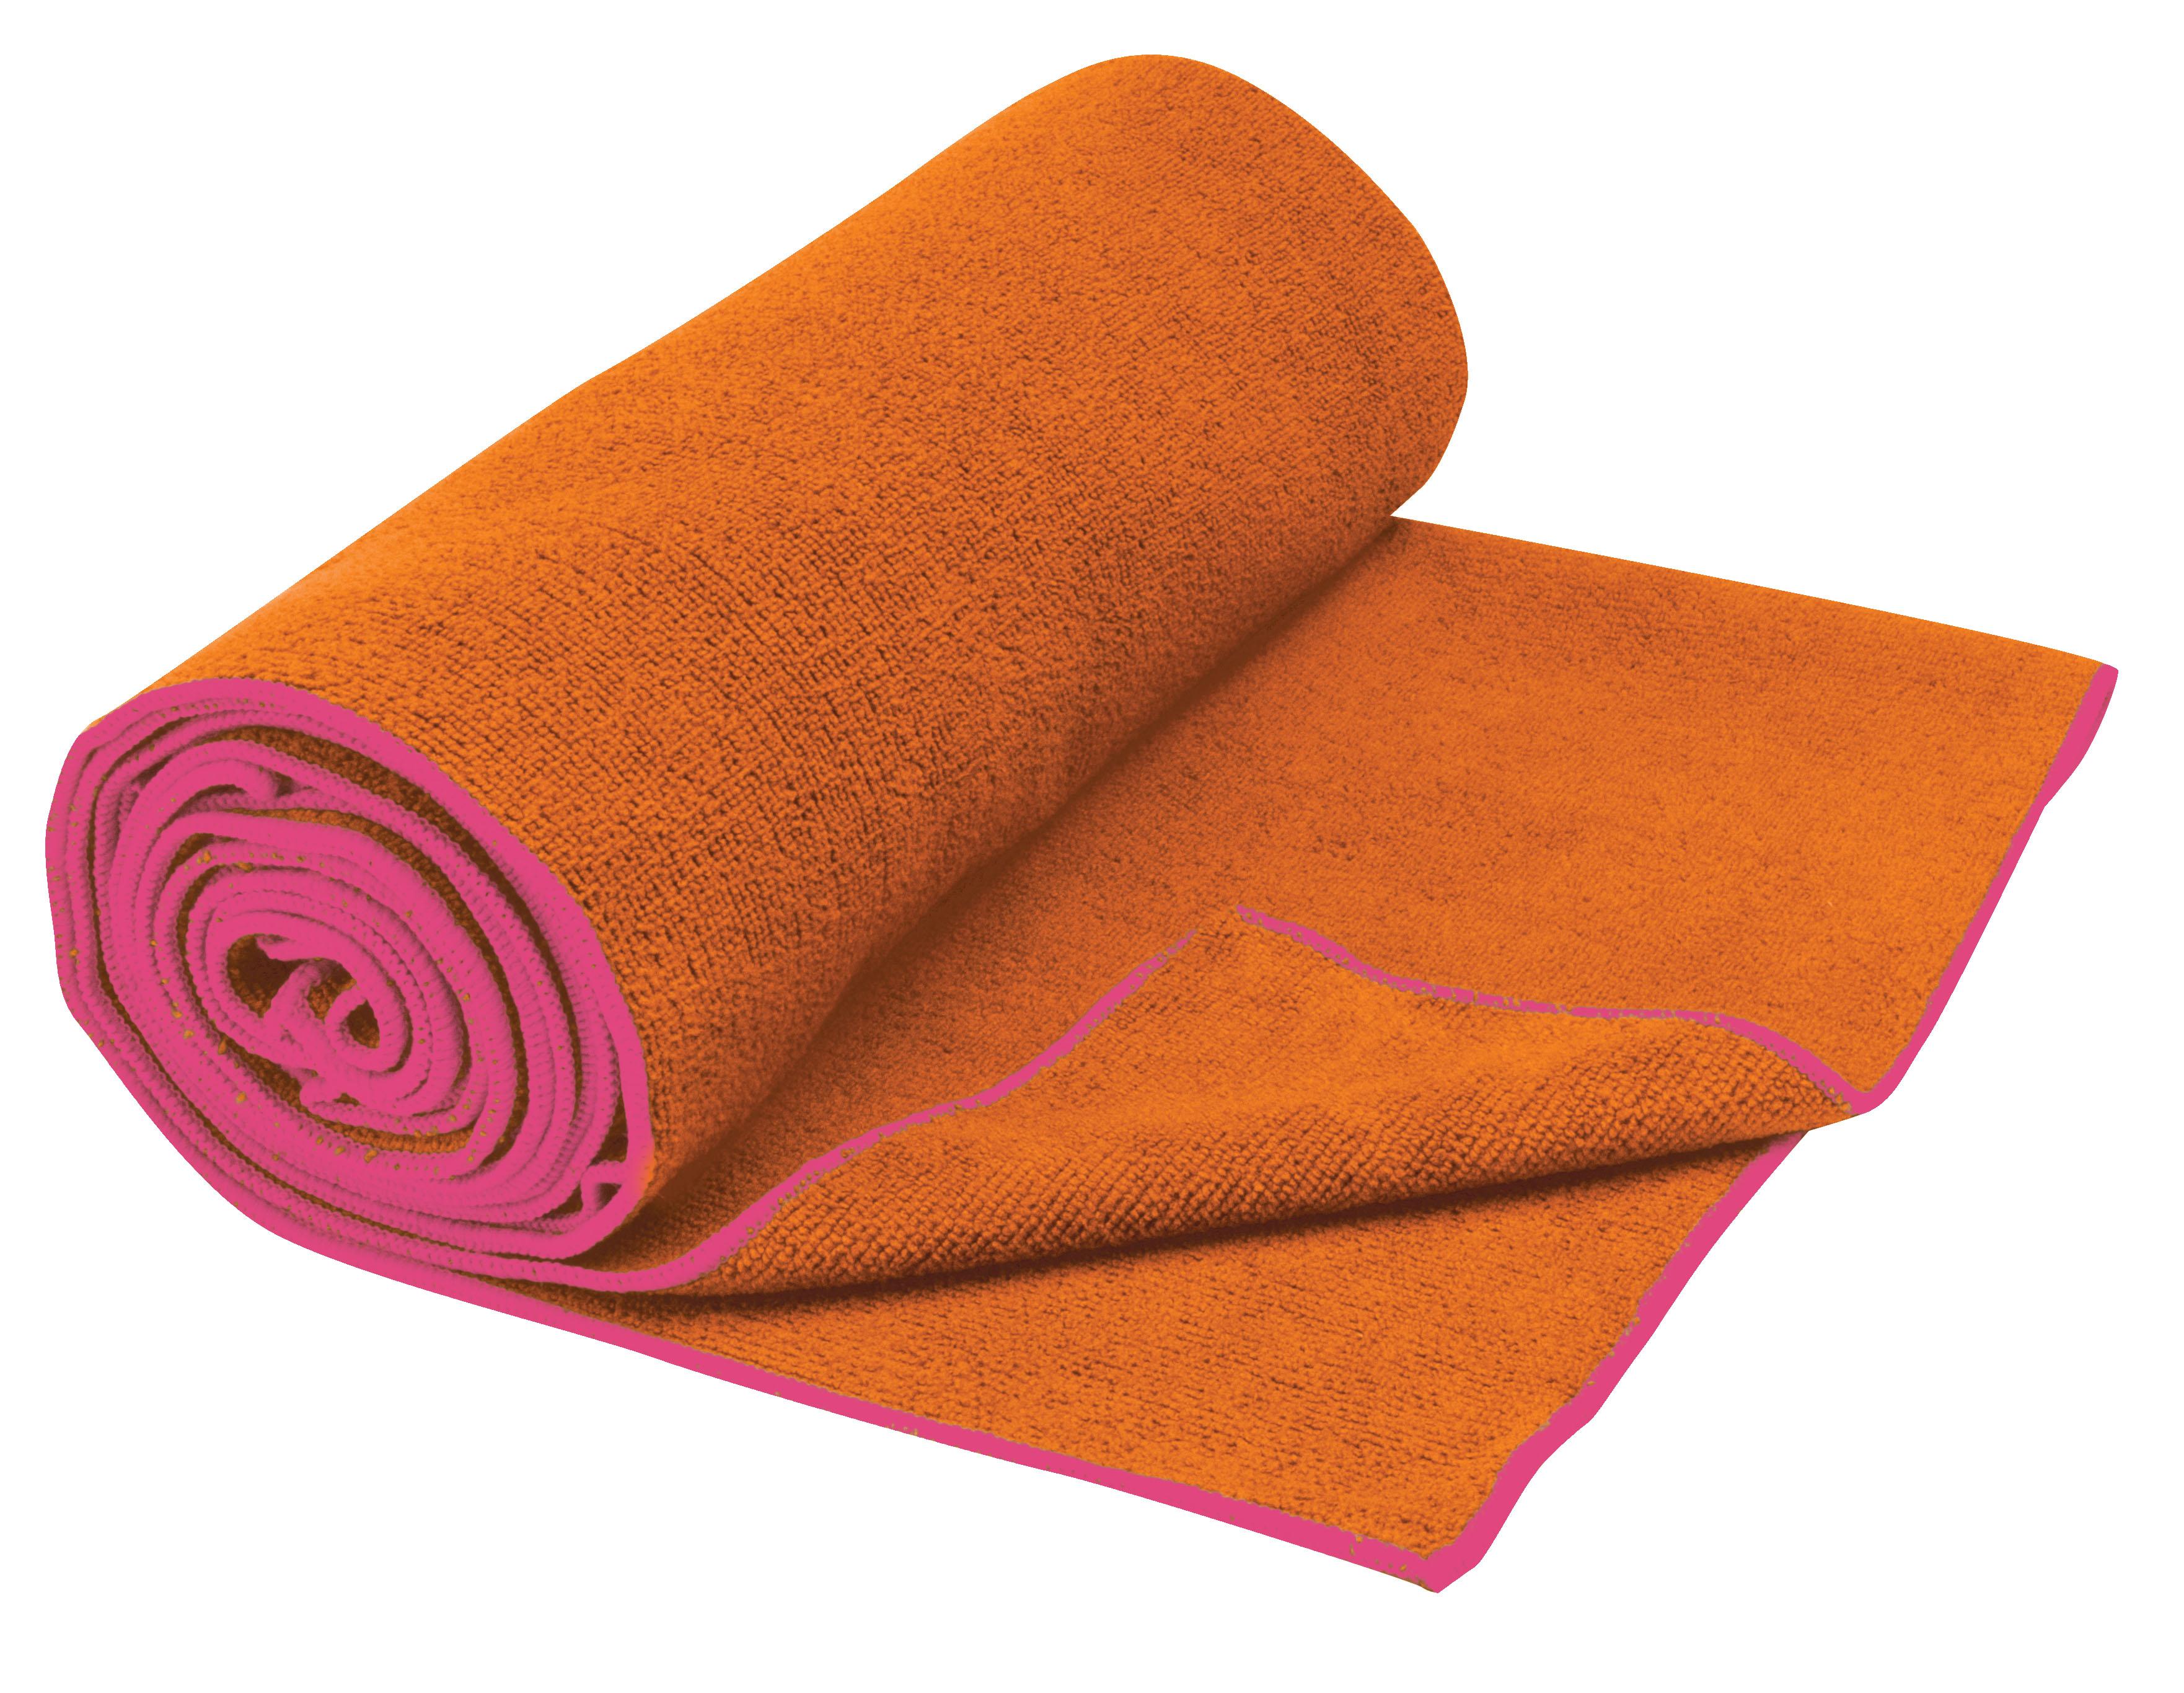 mats accessories towel towels mat zoom yoga dragonfly microfiber